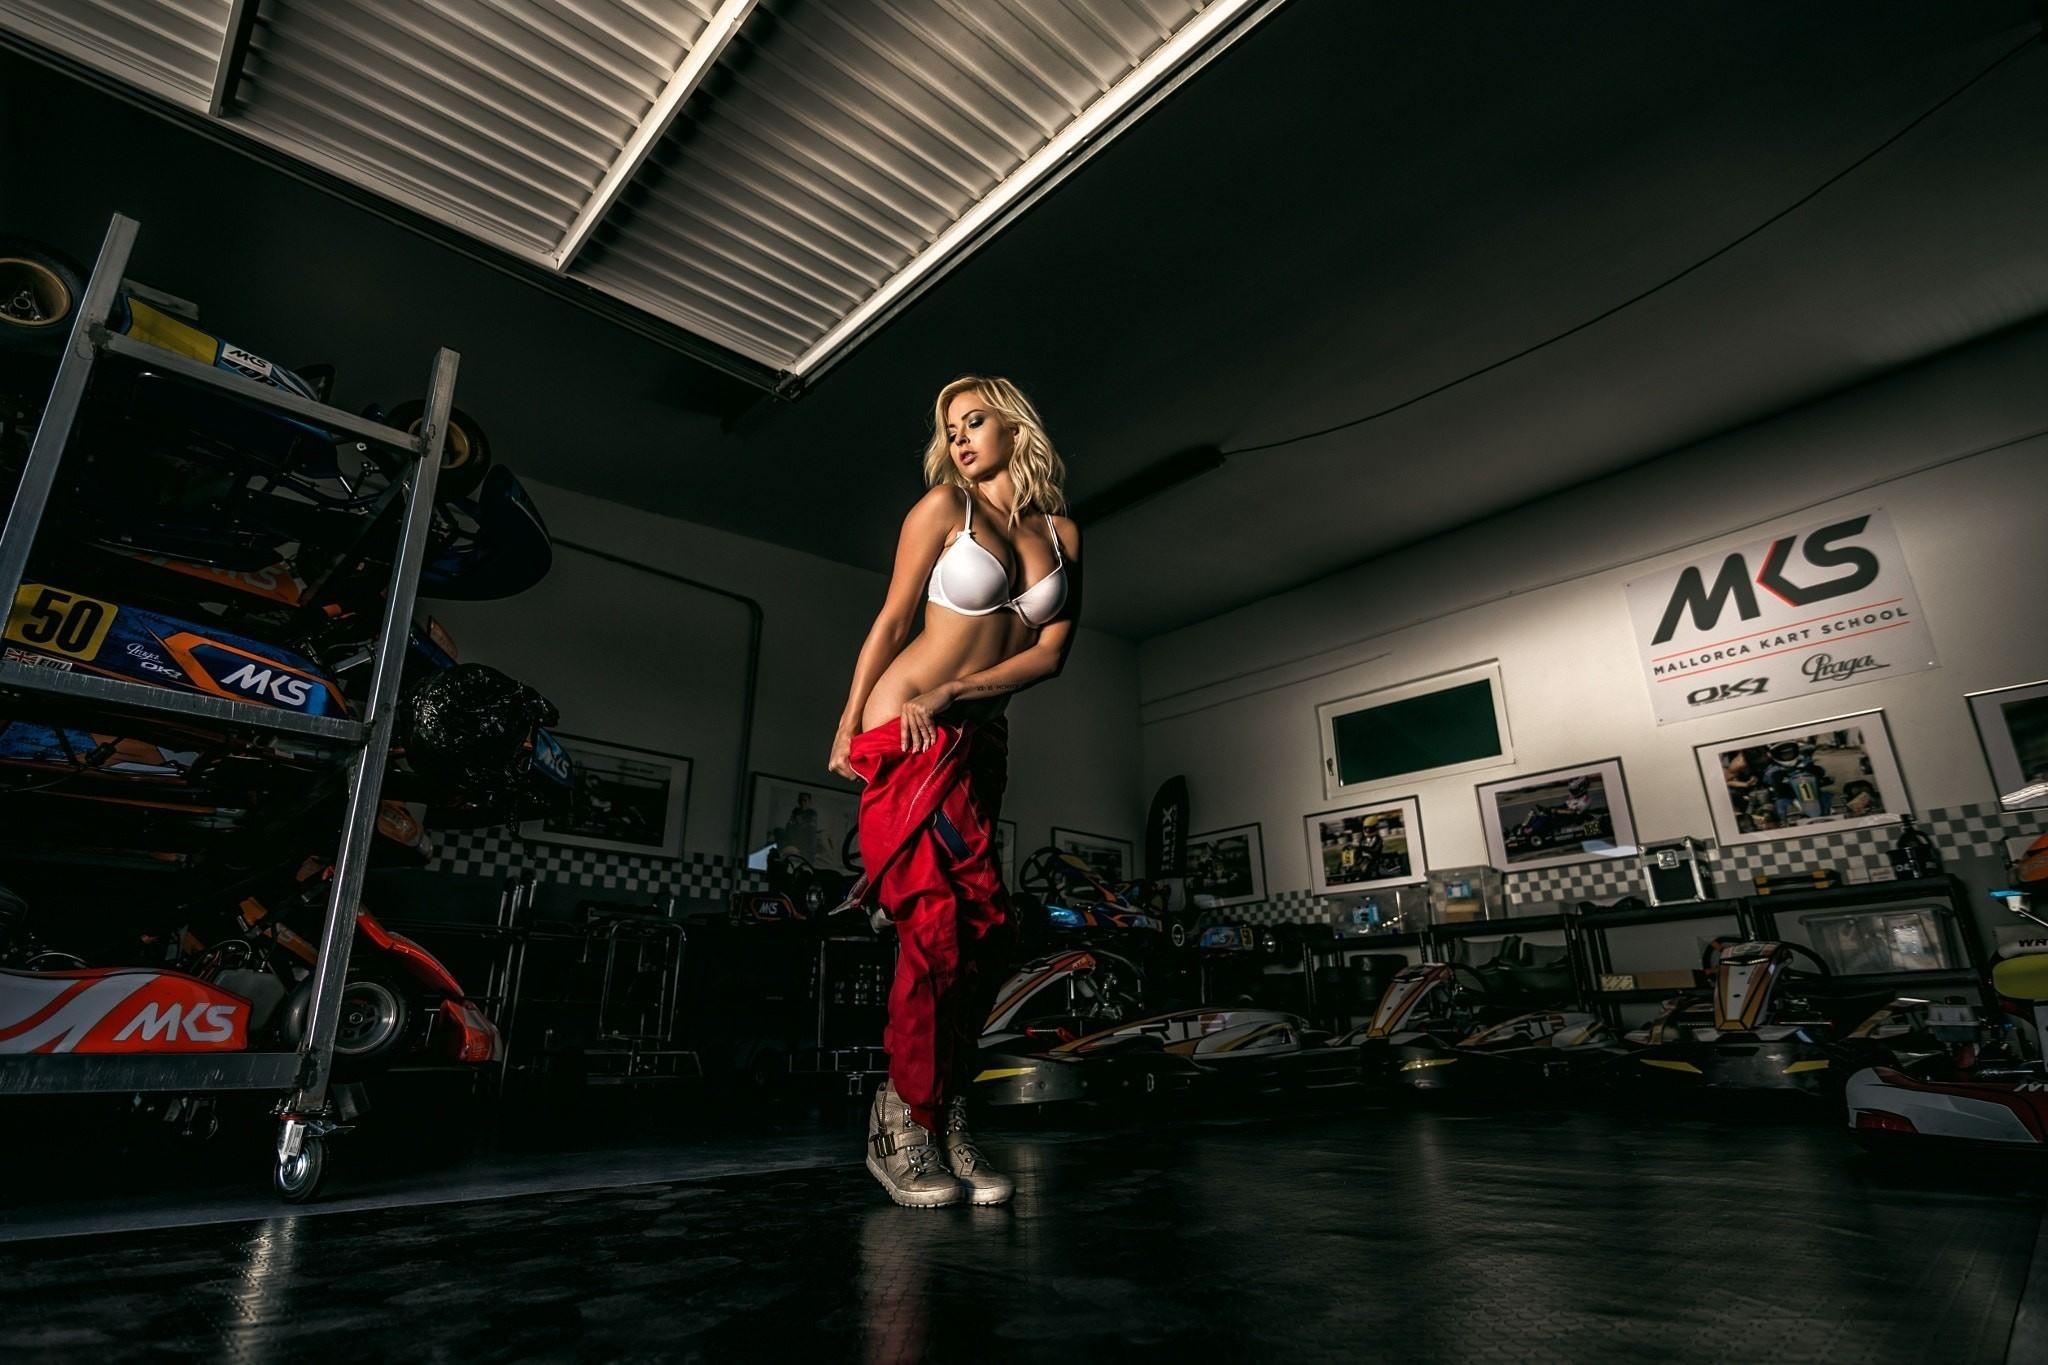 Фото Блондинка снимает спортивный красный комбинезон после гонки на формуле 1, белый лифчик, шикарная фигура, скачать картинку бесплатно